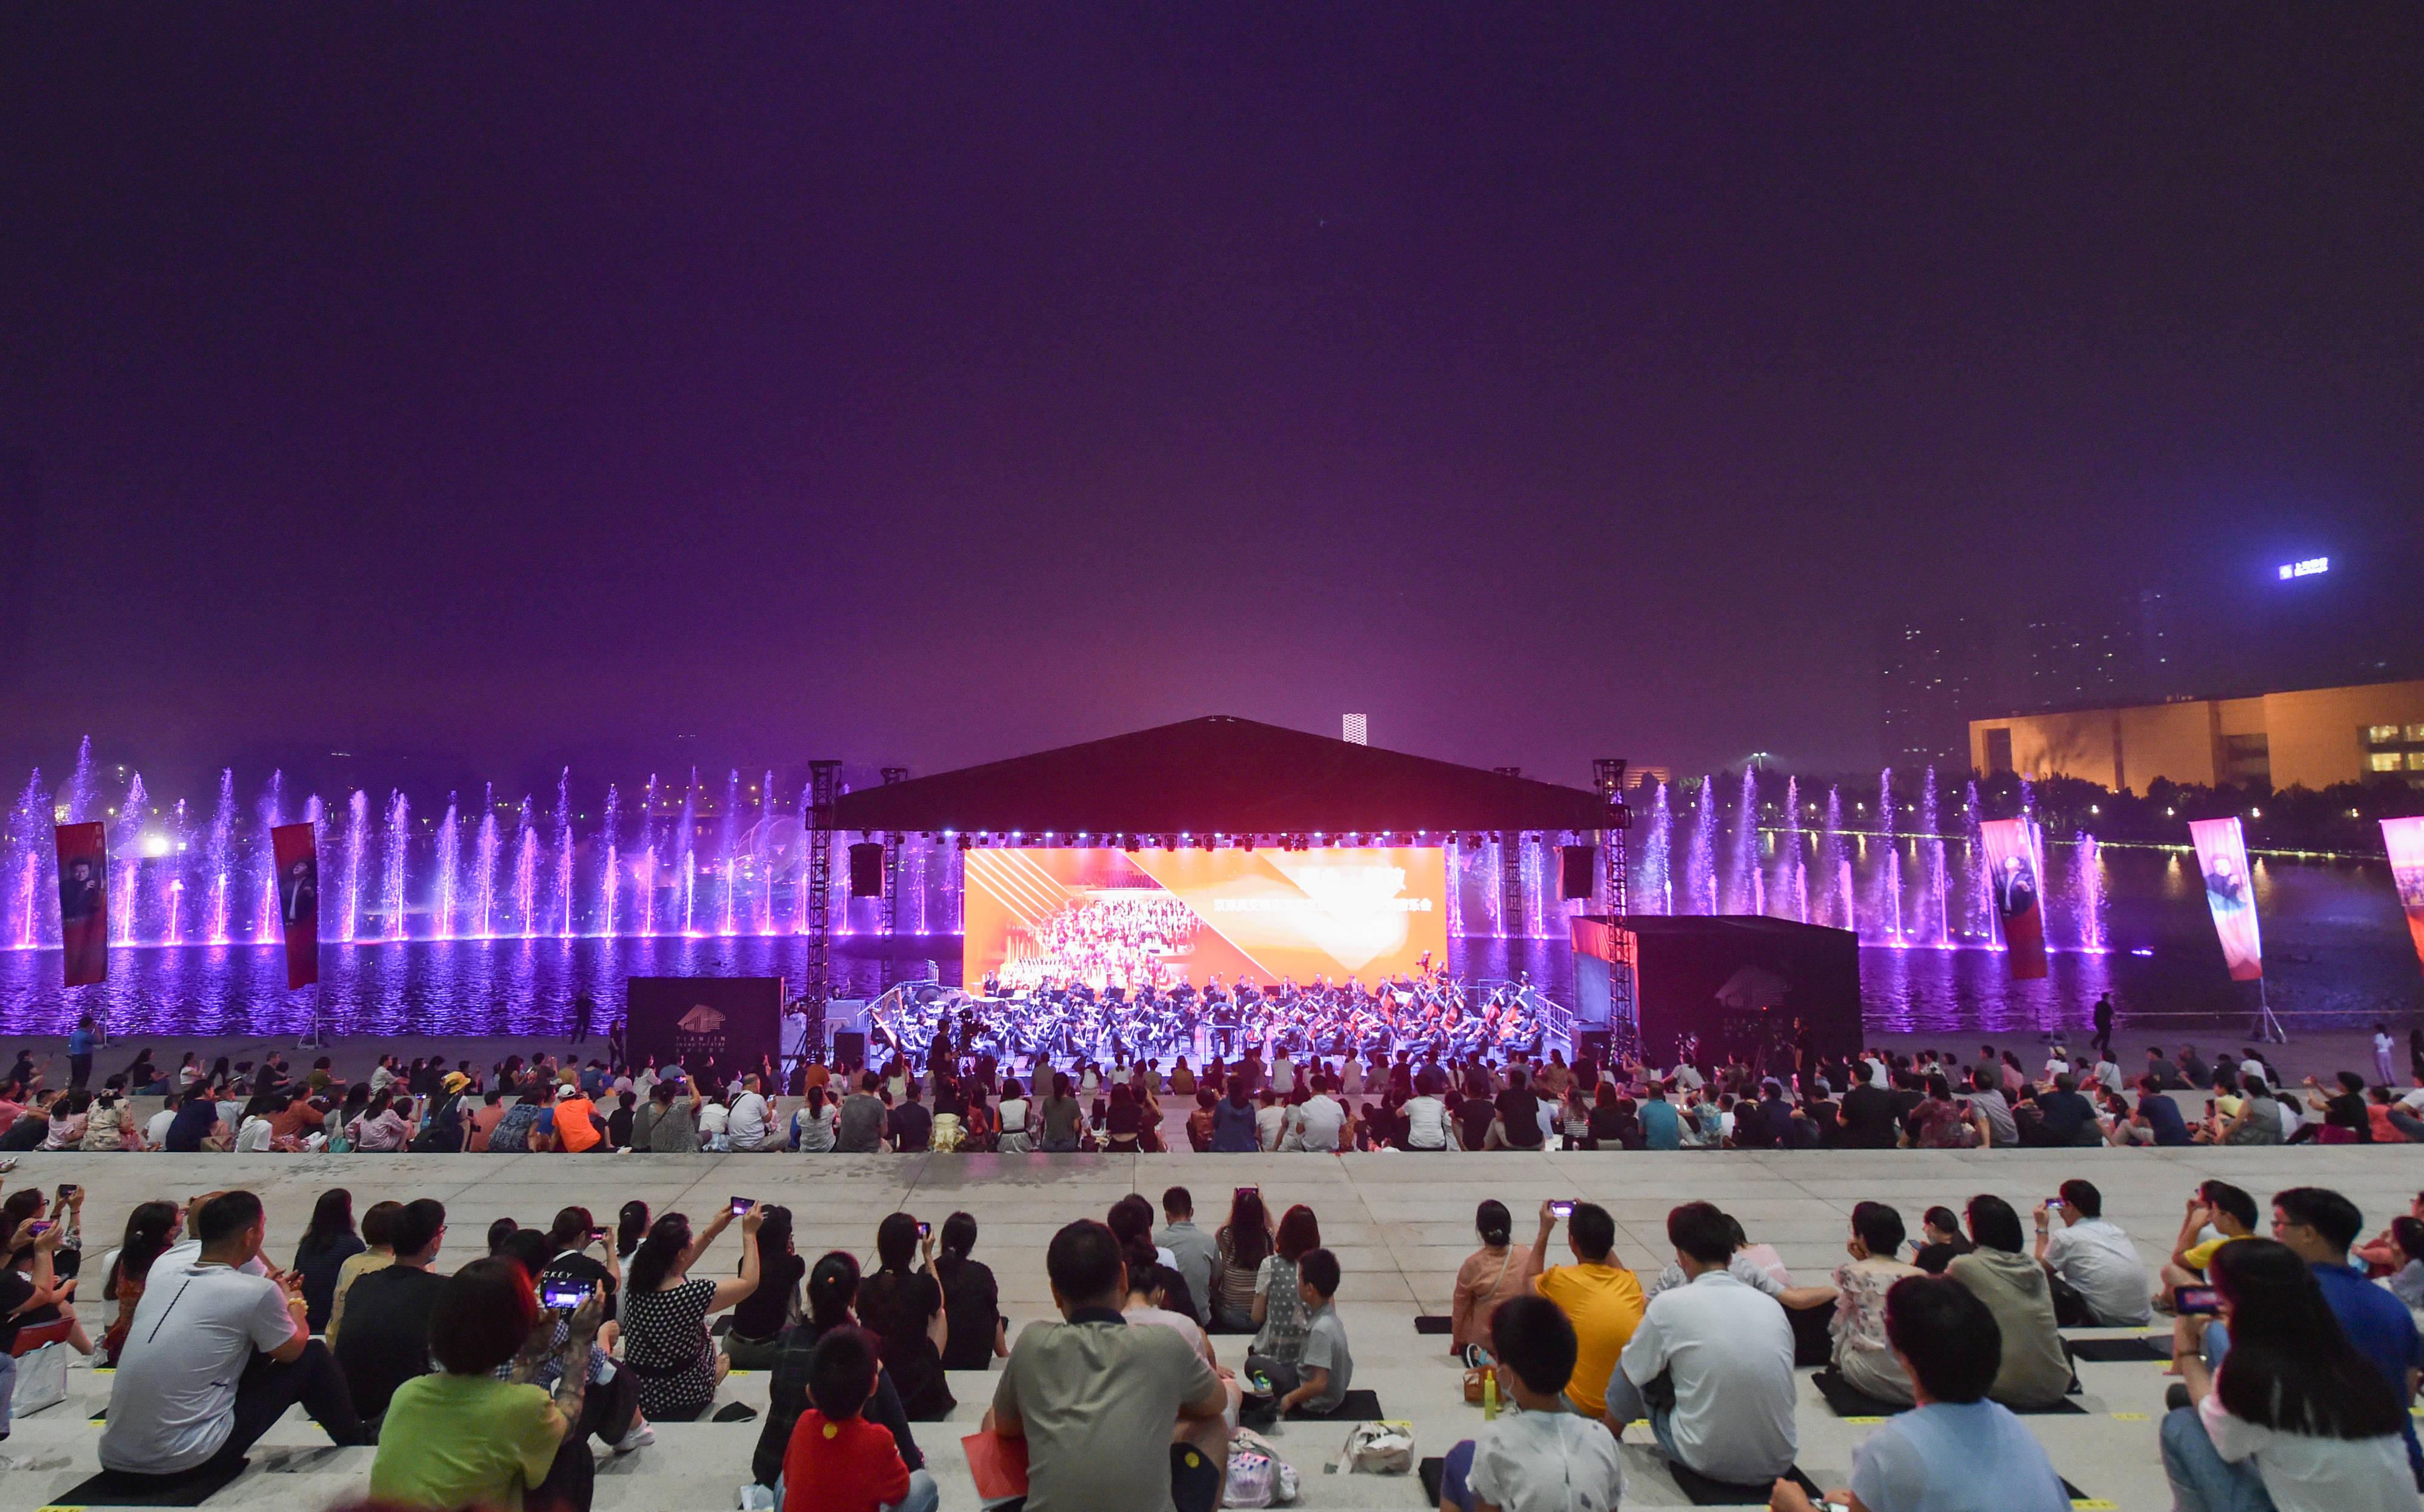 天津大剧院举办首场大型户外交响音乐会